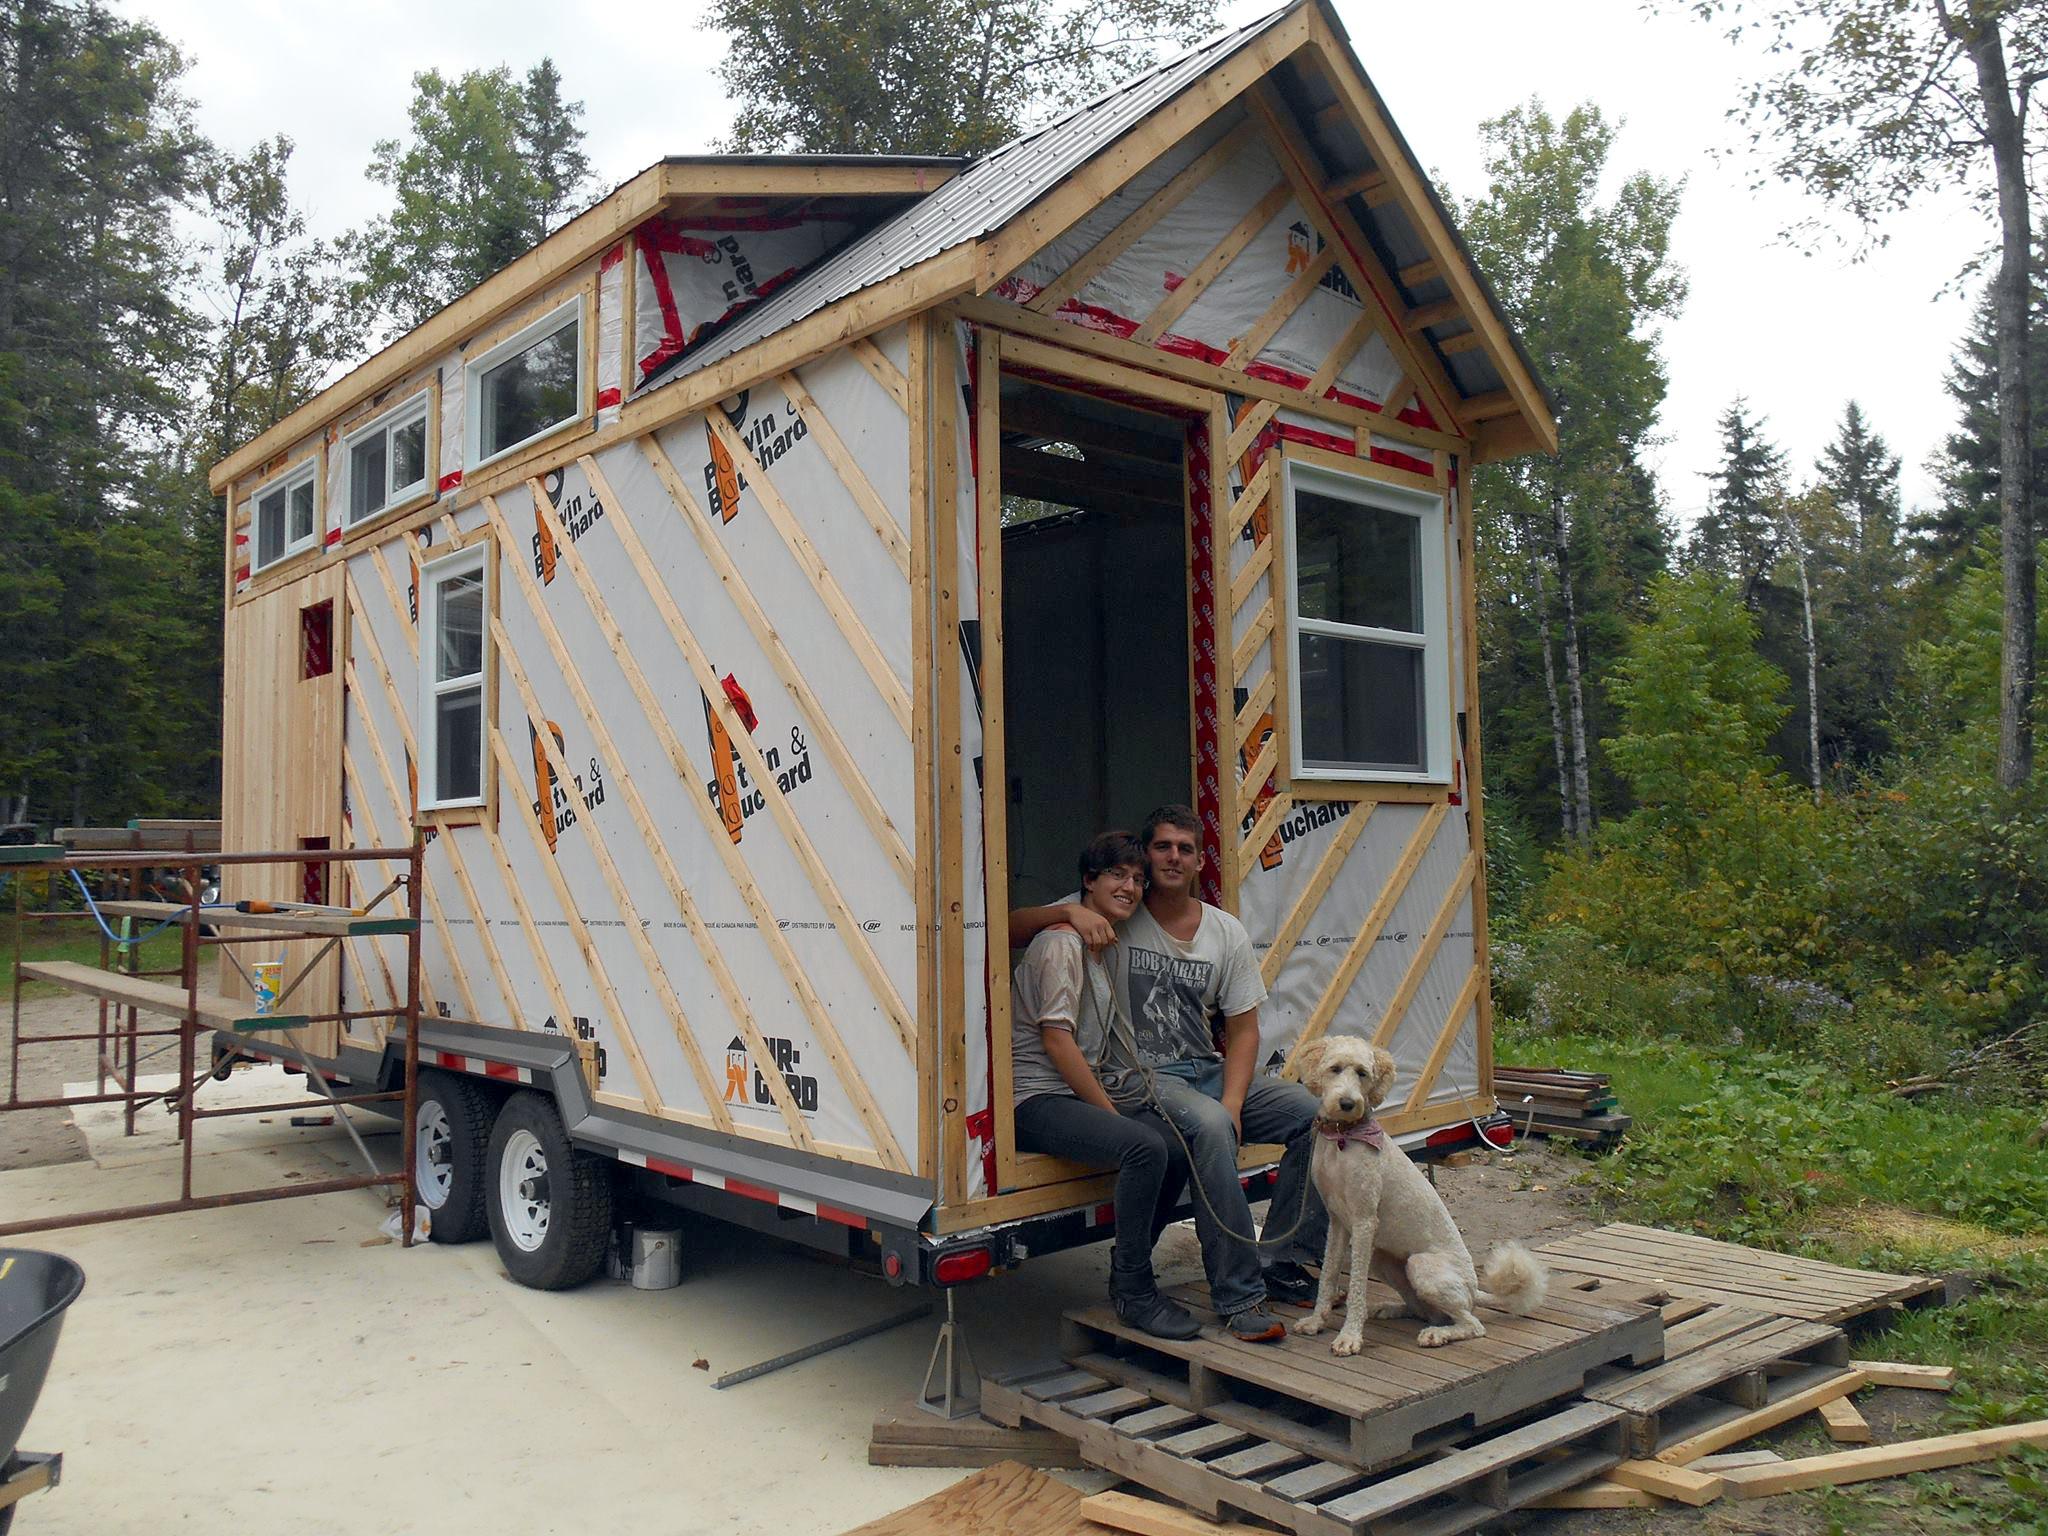 Mini maison maxi libert entr e libre for Maison miniature en bois